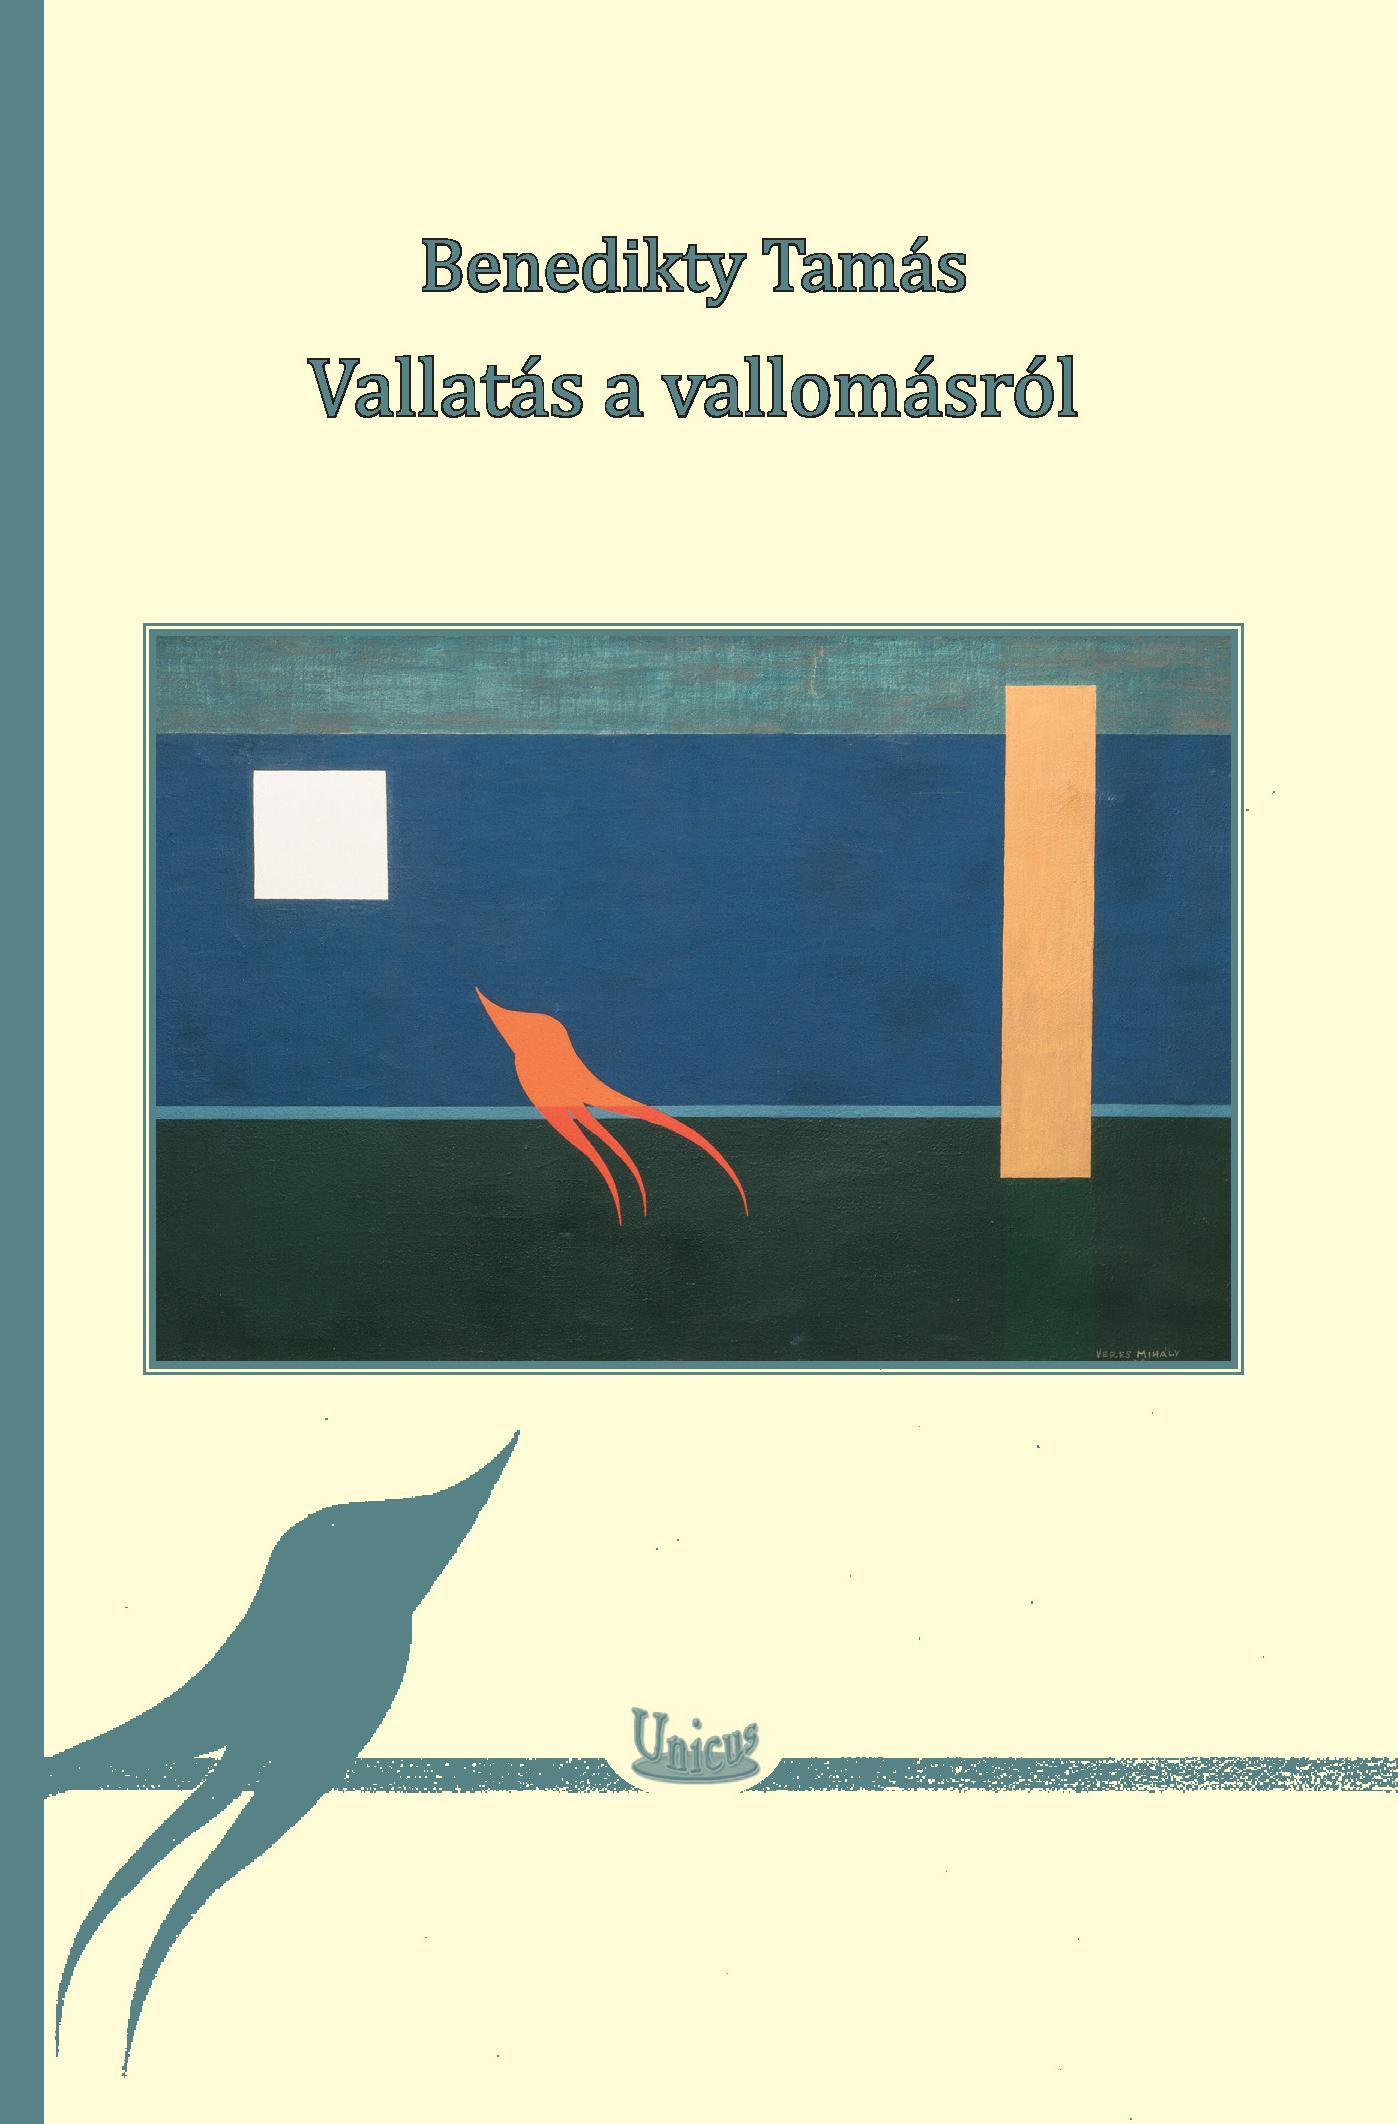 VALLATÁS A VALLOMÁSRÓL